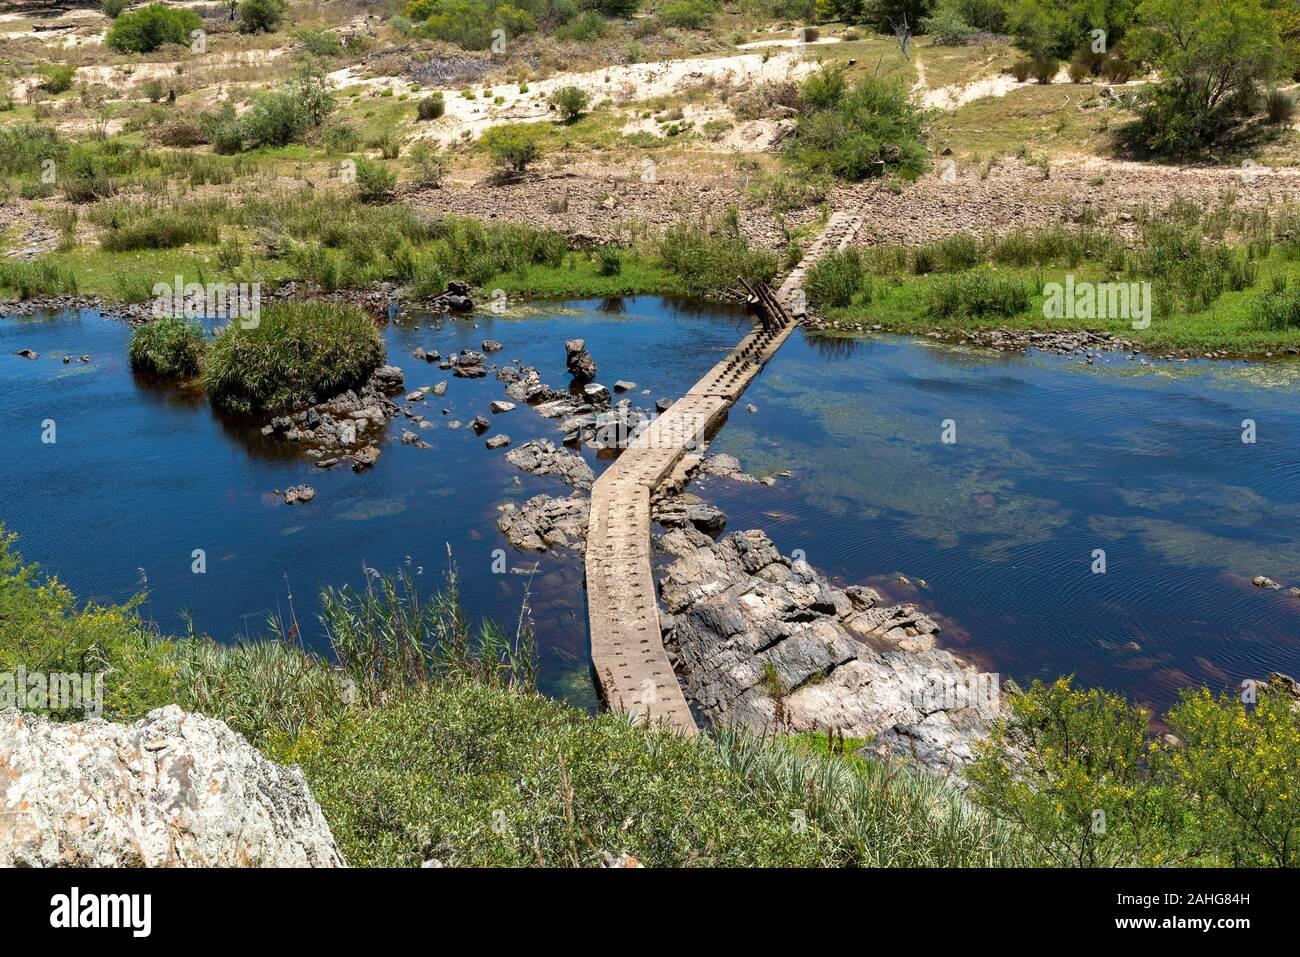 Swellendam, Western Cape, Afrique du Sud. Décembre 2019. La rivière Breede vu de la colline d'Aloès, sur la Garden Route Bontebok. Banque D'Images